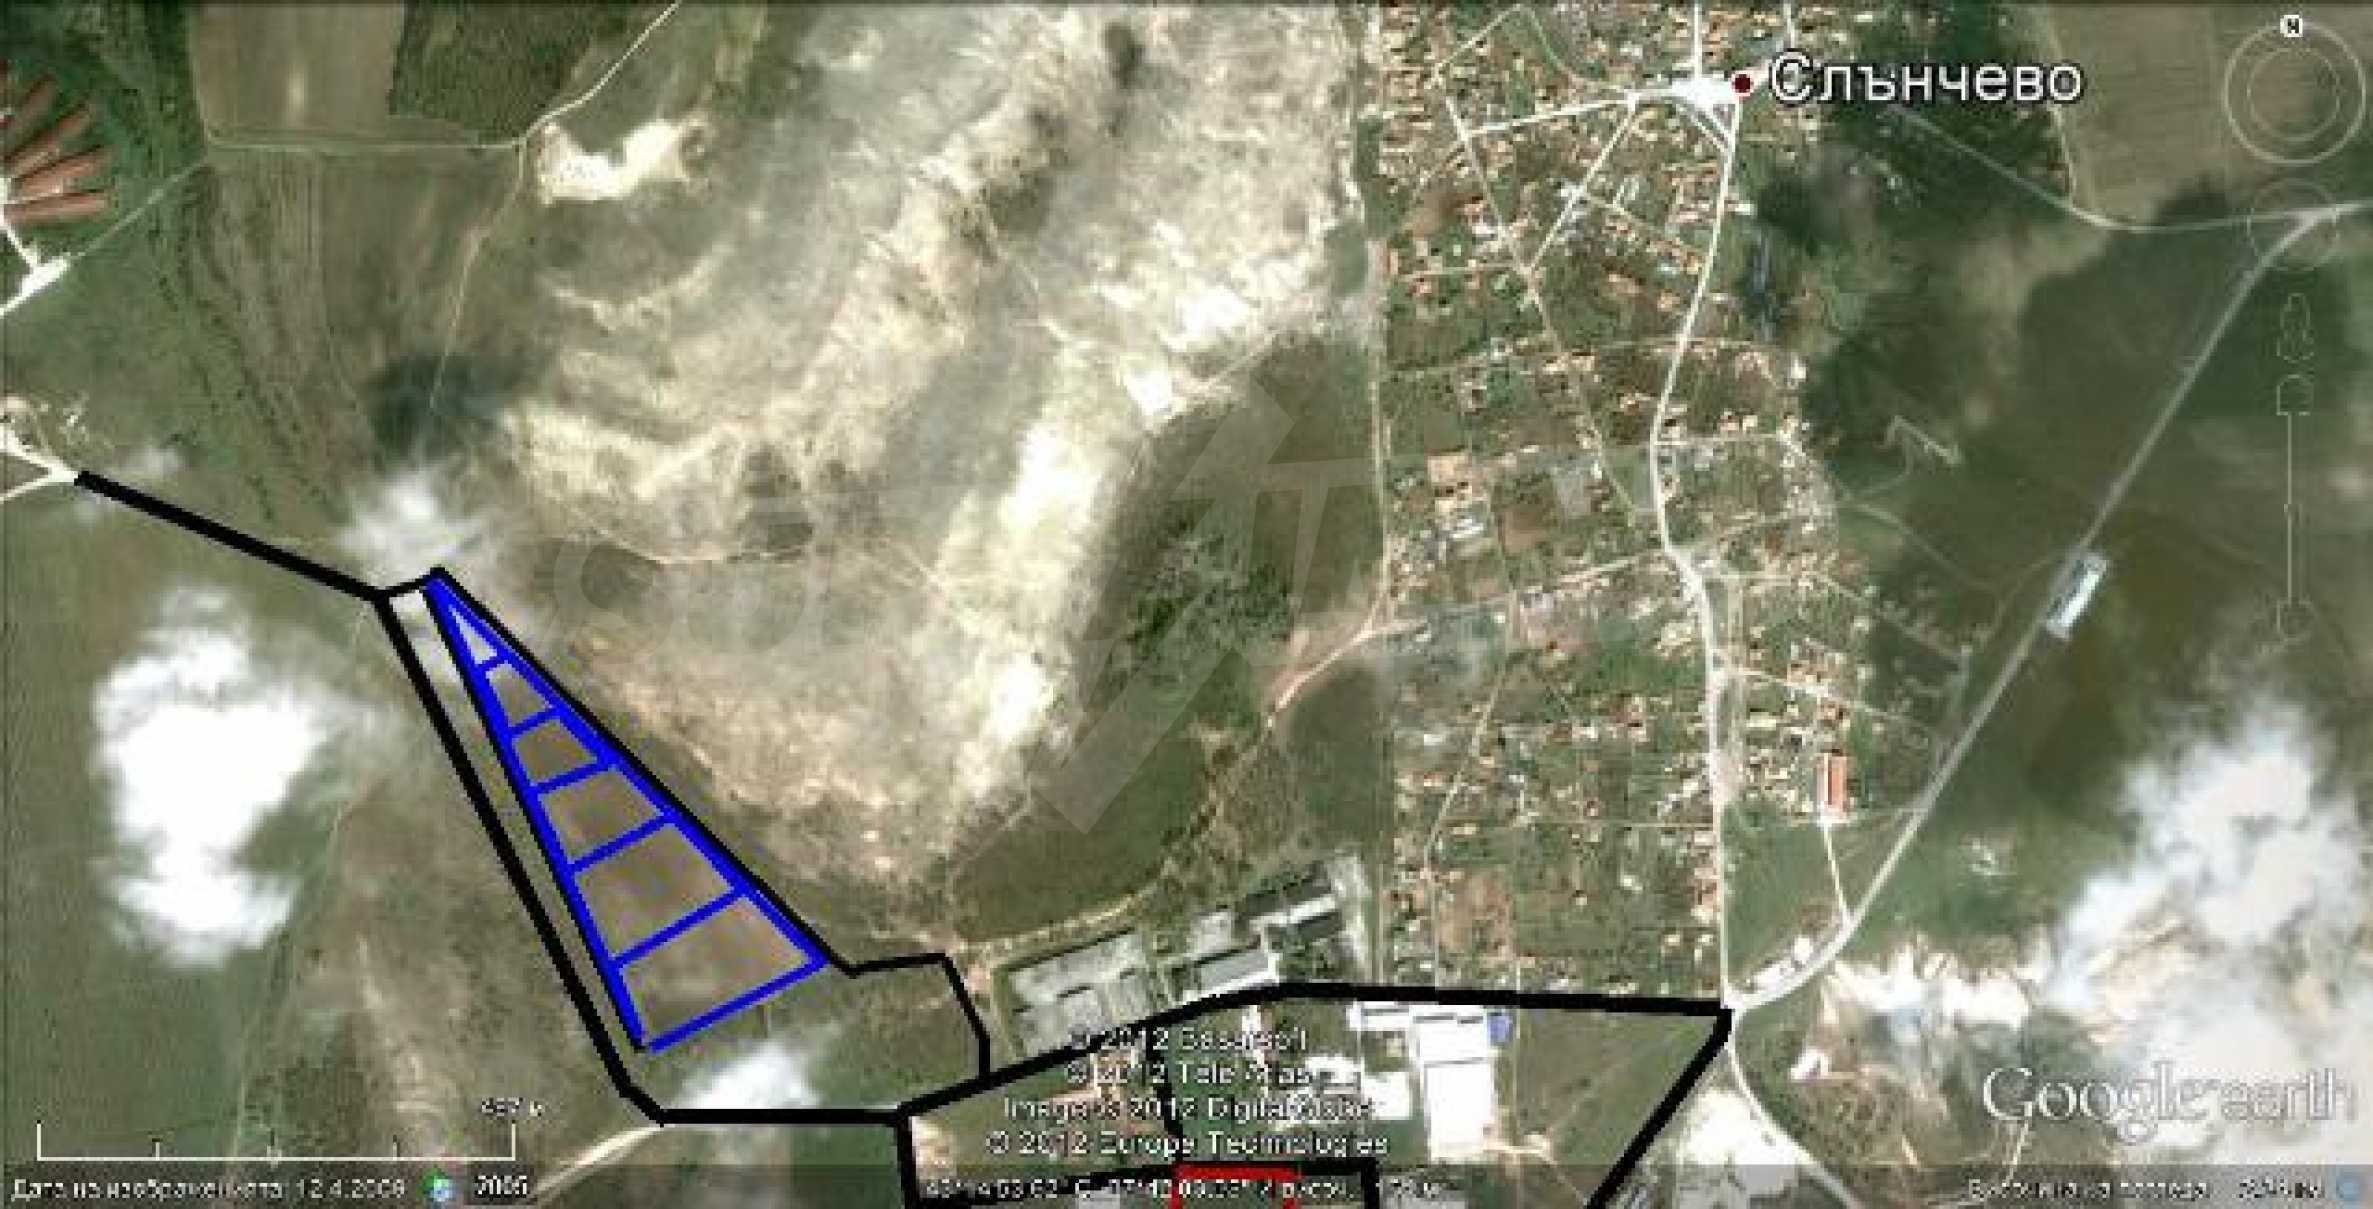 Участок площадь 49 362 кв.м. в 13 км от Варны 1